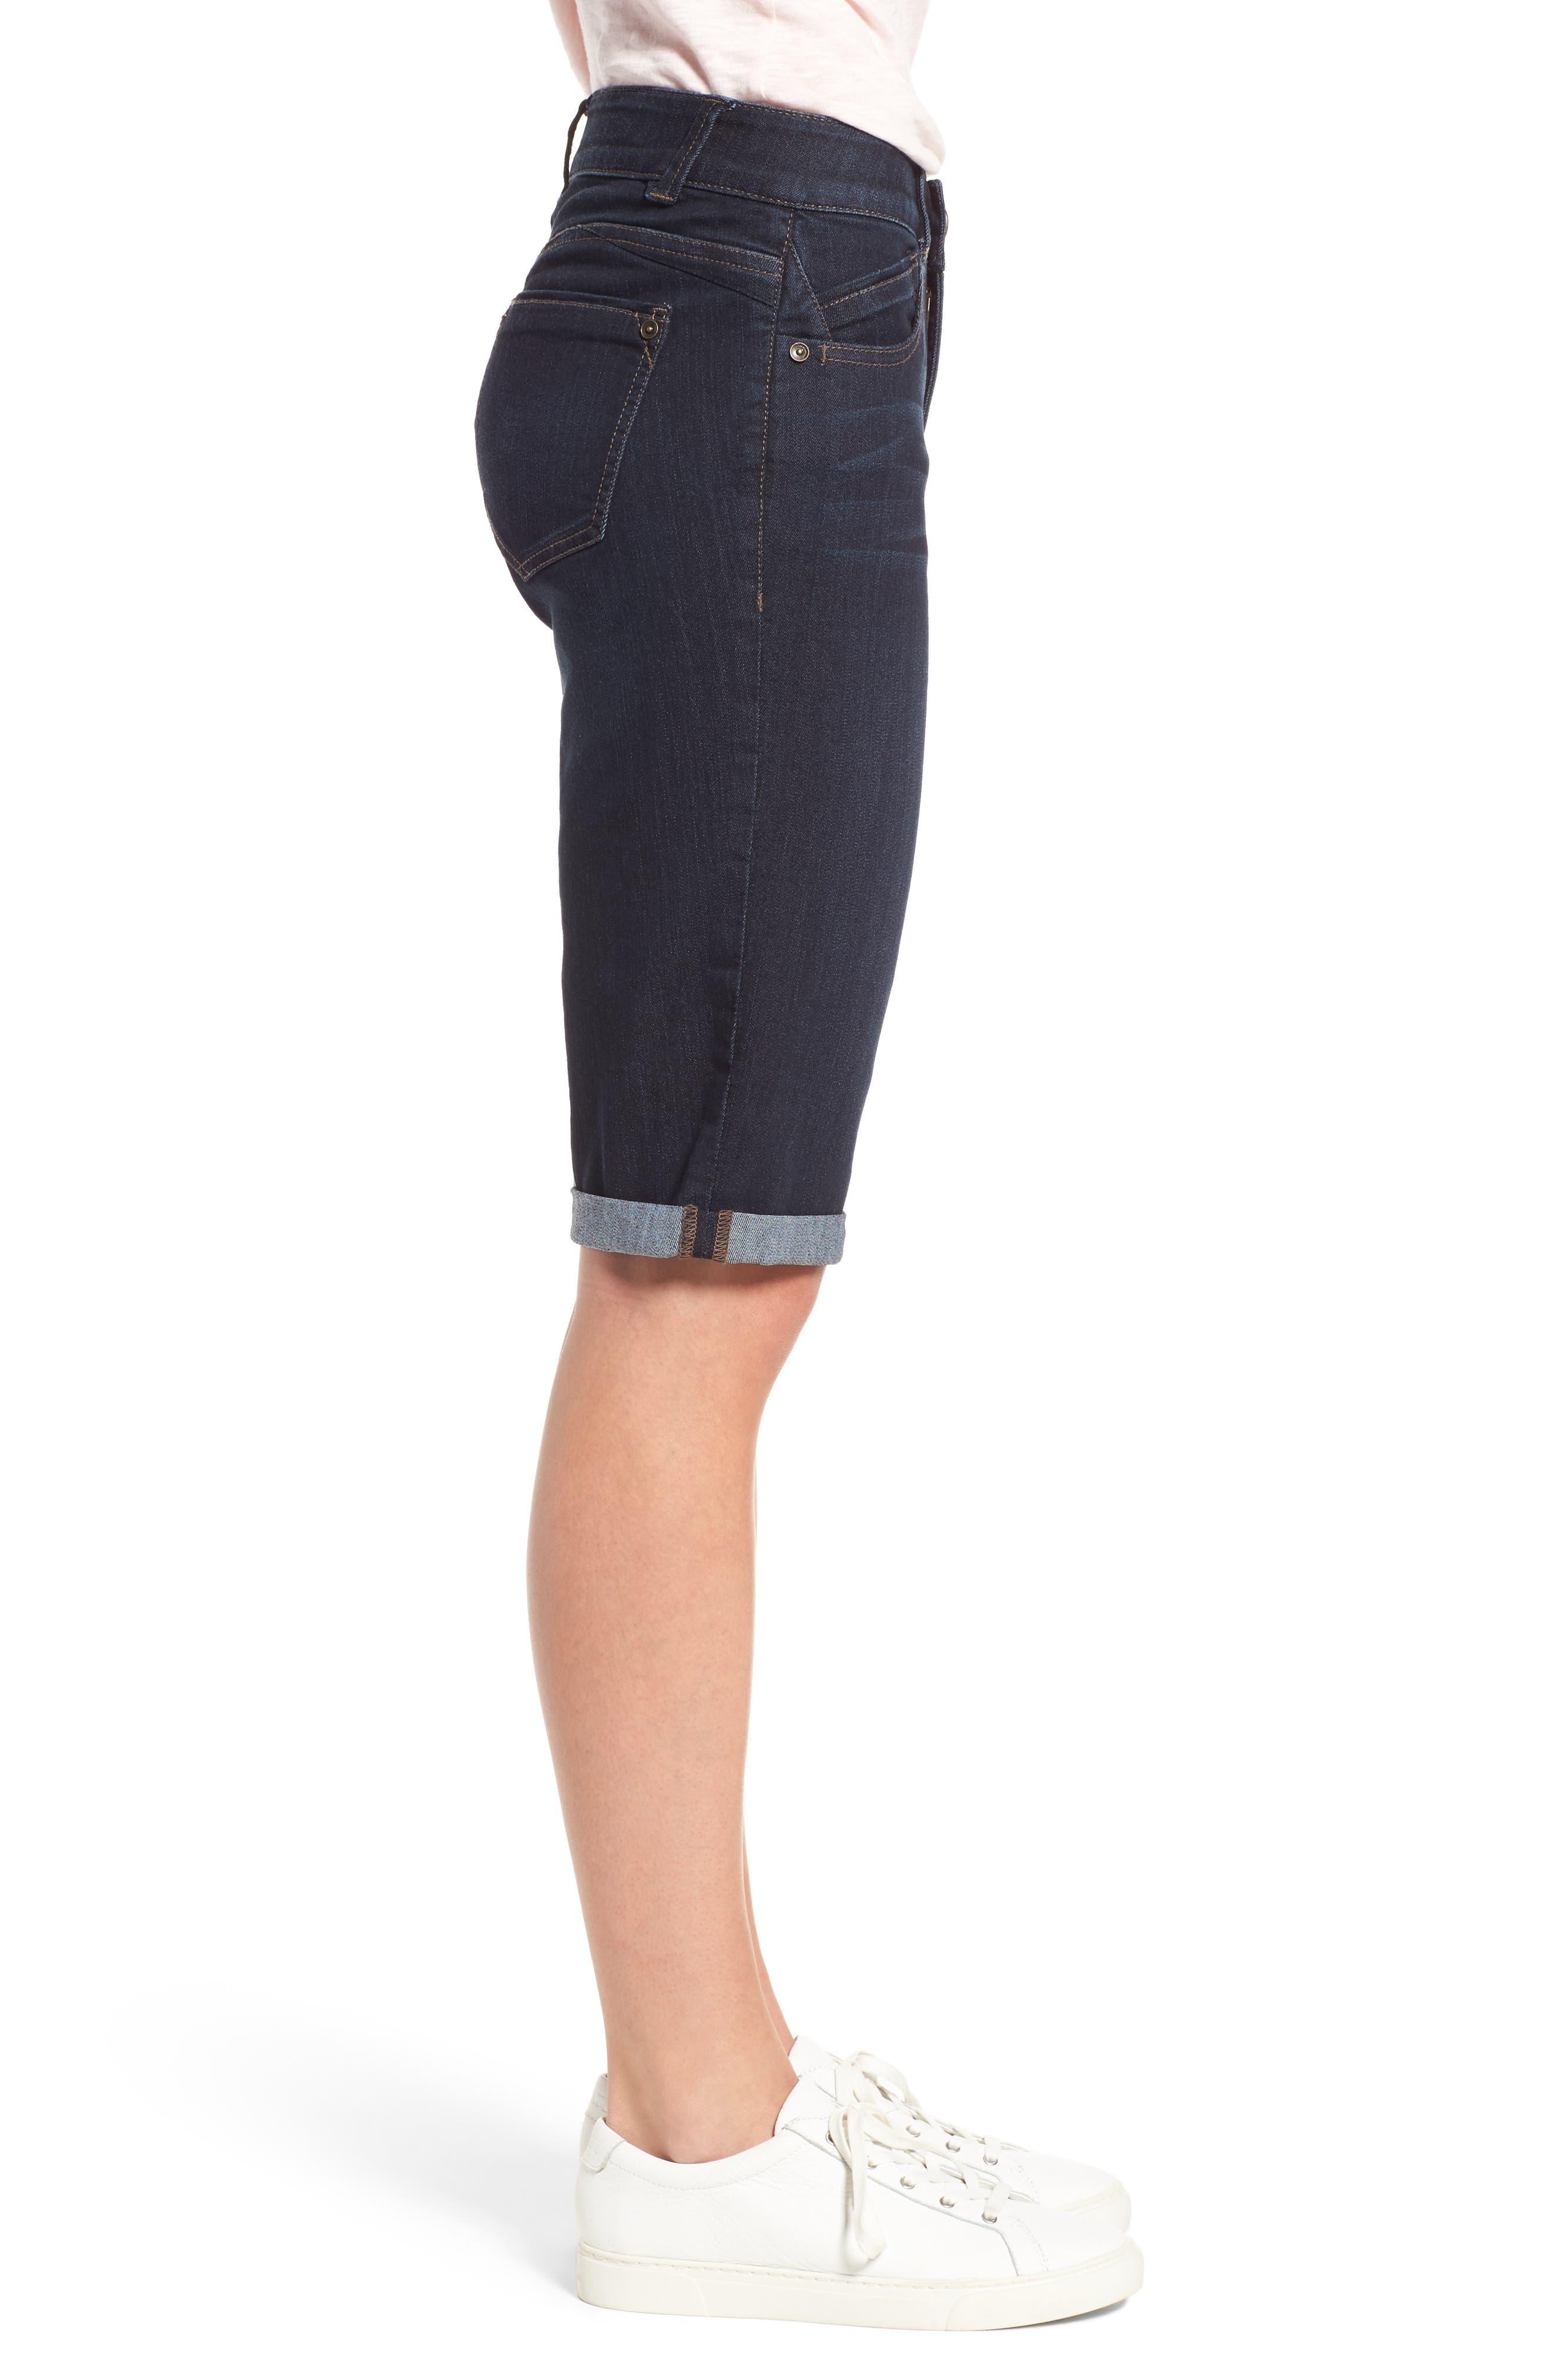 Alternate Image 3  - Wit & Wisdom Ab-solution Denim Bermuda Shorts (Regular & Petite) (Nordstrom Exclusive)